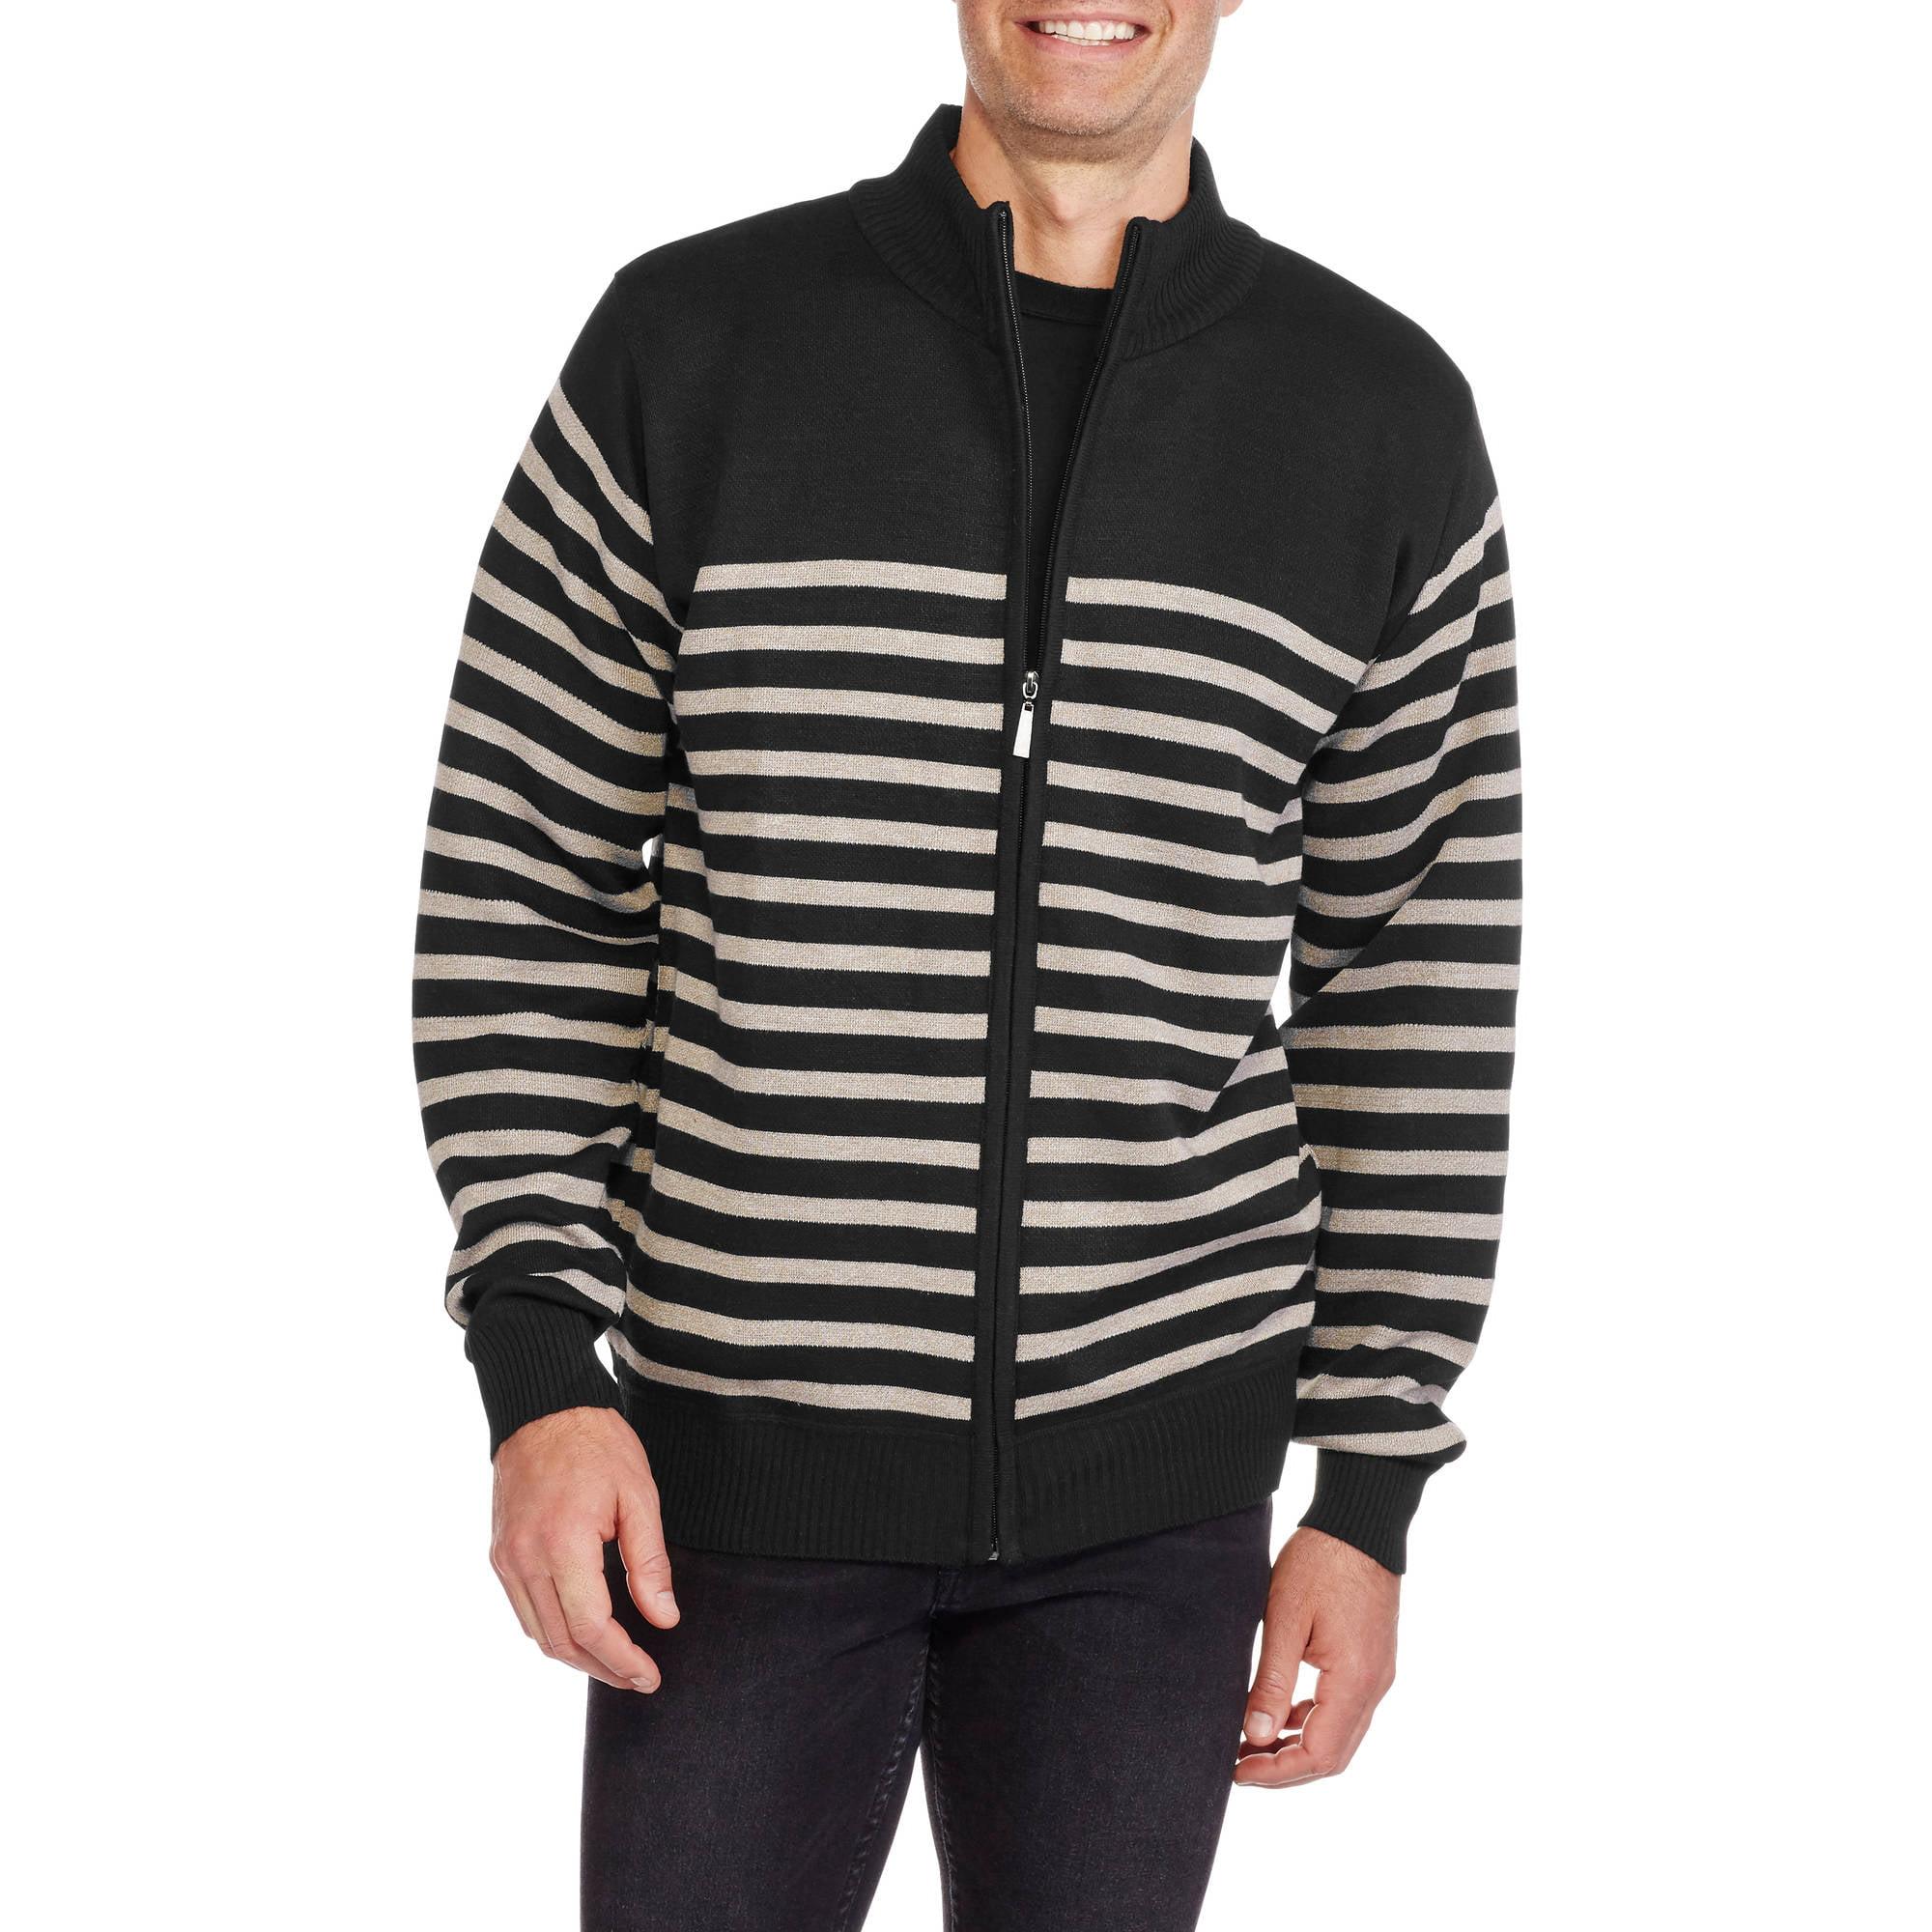 Big Men's Sleeve Full Zip Sweater